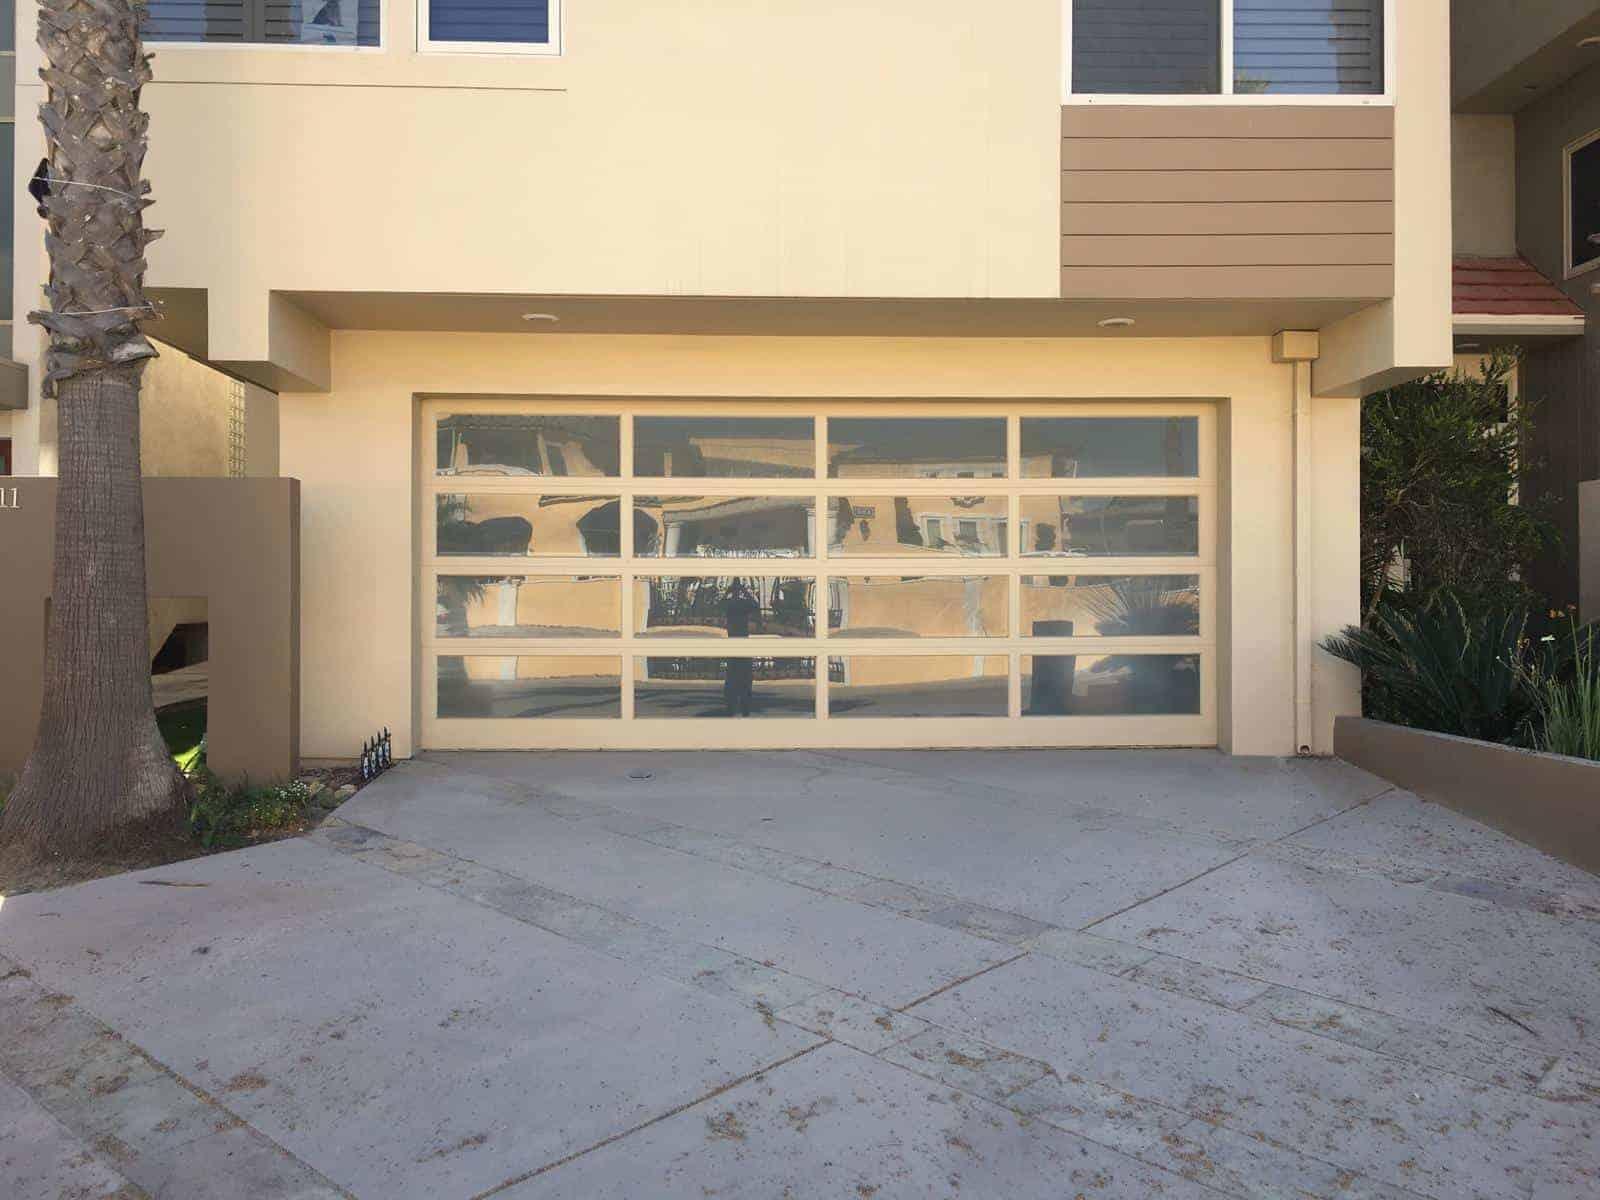 Newport Beach CA Garage Door Repair & Replacement